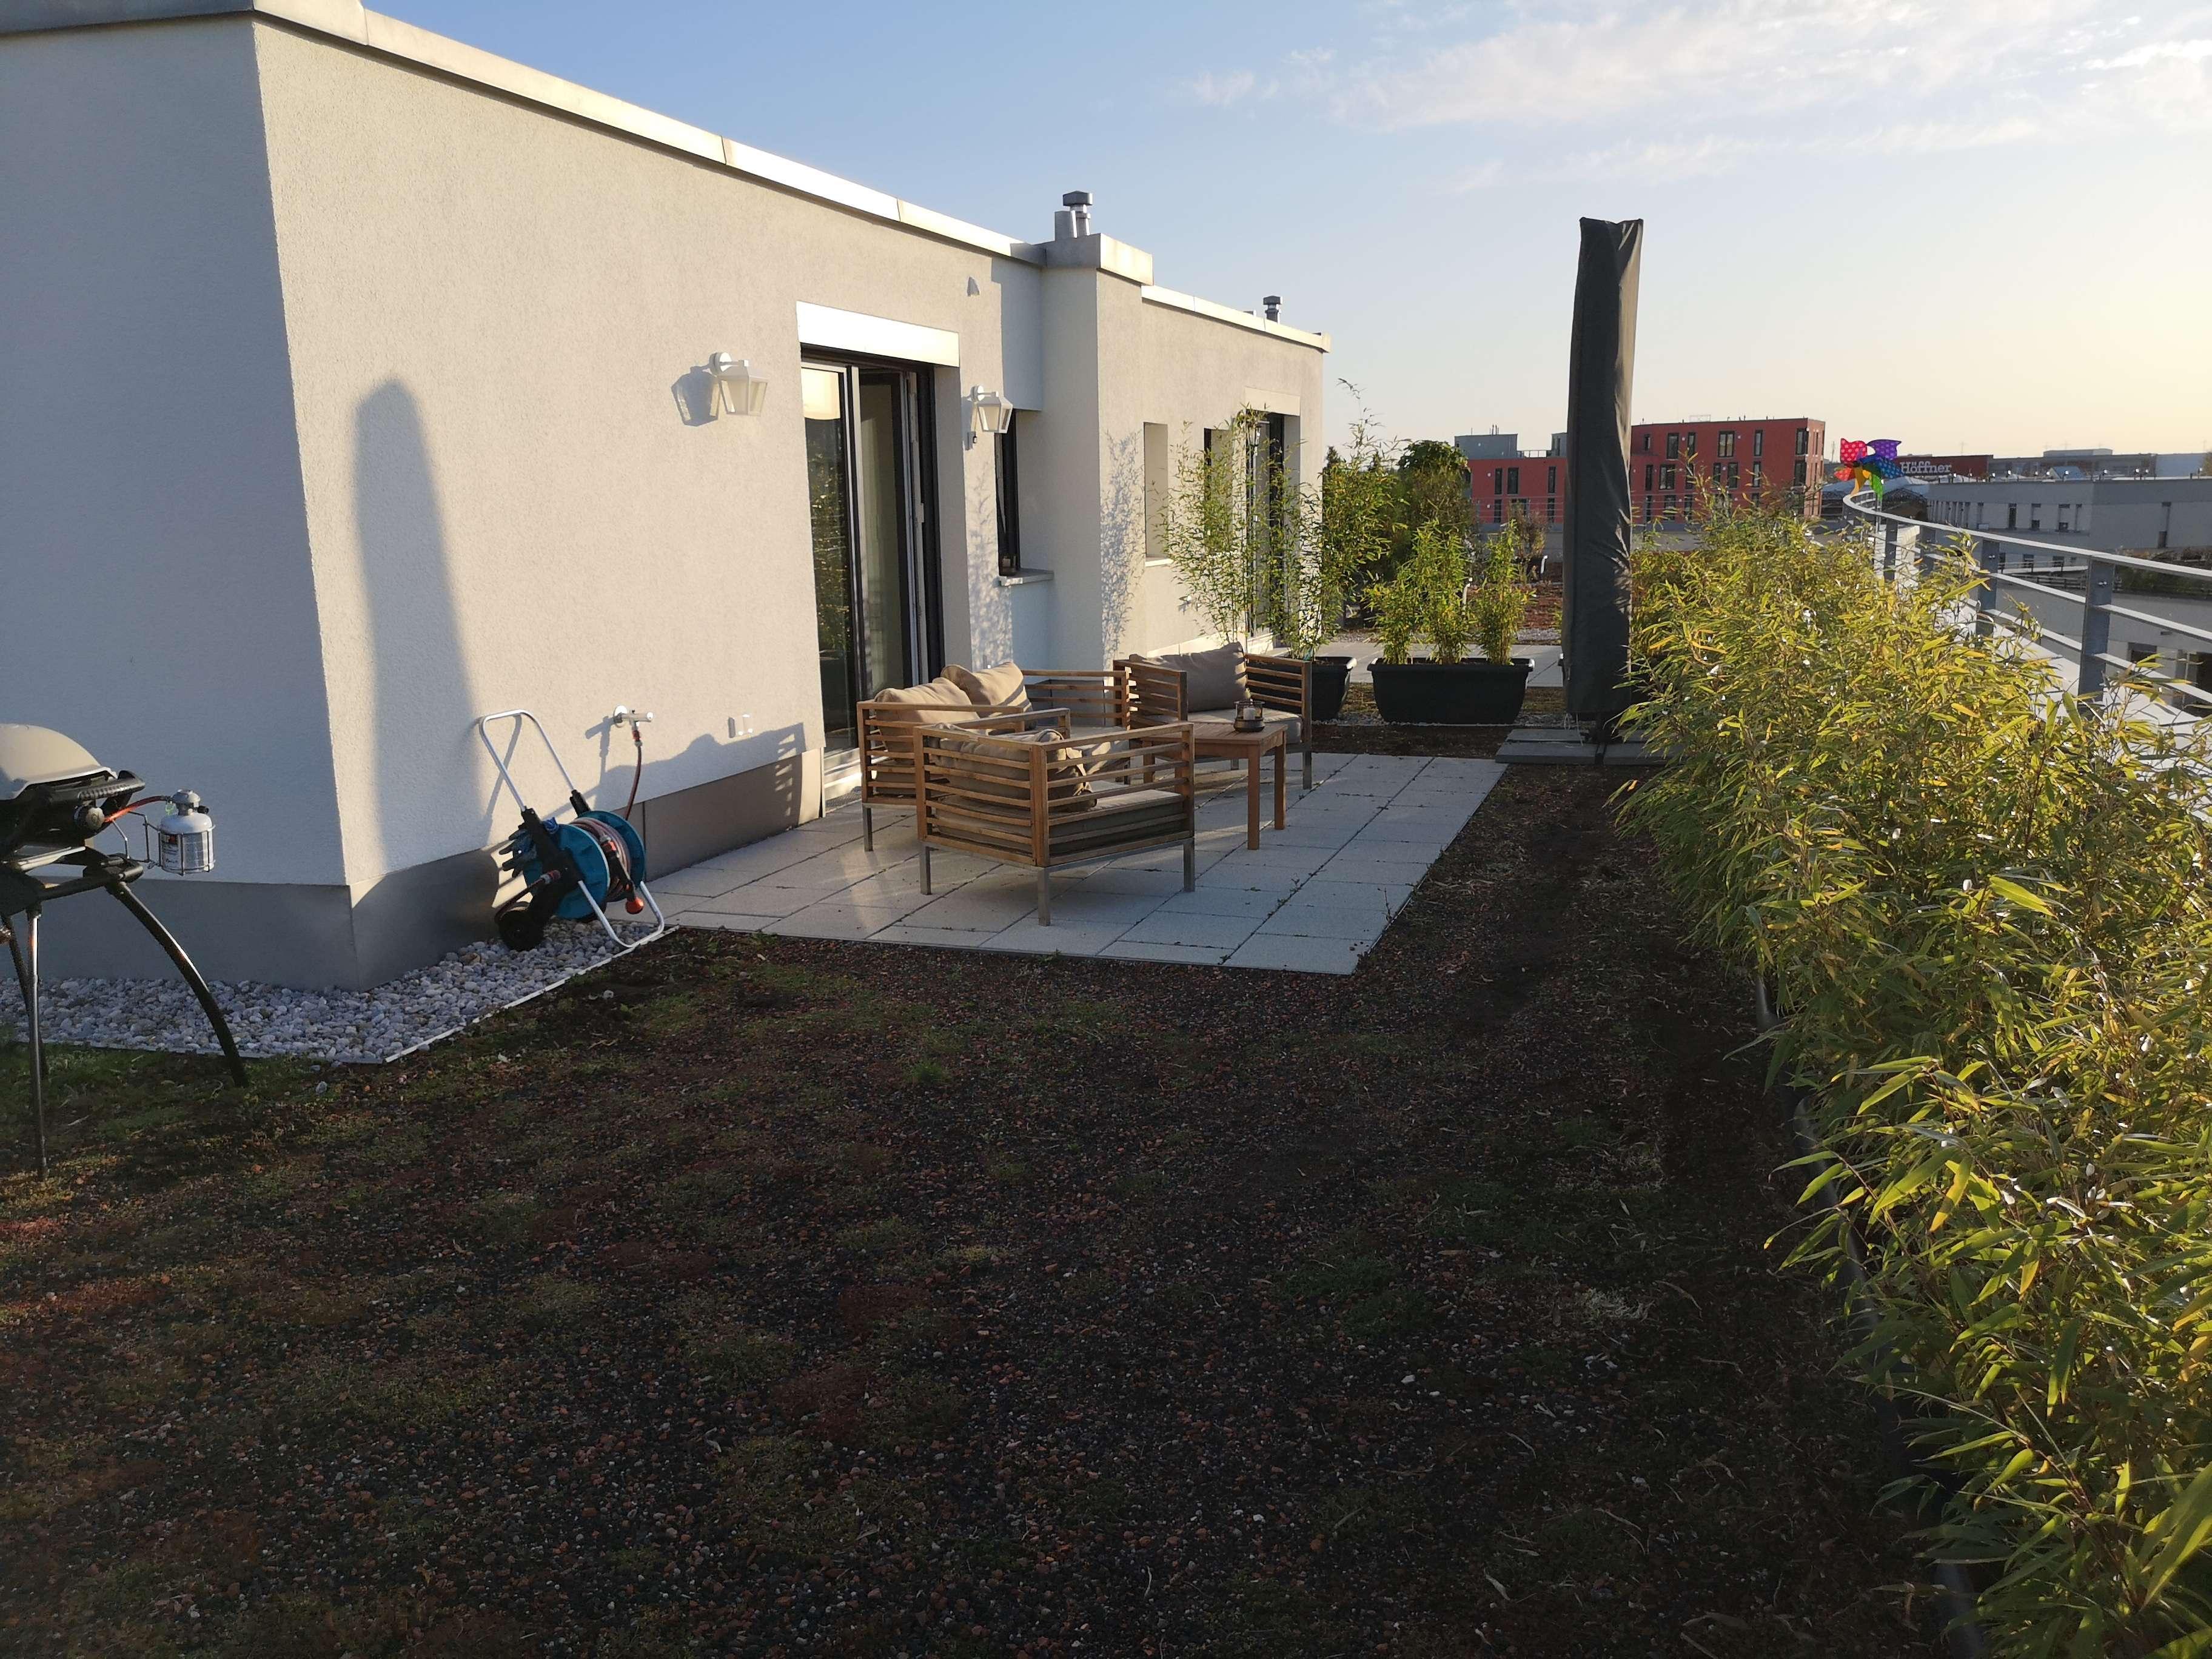 Exklusive 3-Zimmer-Maisonette-Wohnung mit Balkon und EBK in Aubing, München in Aubing (München)